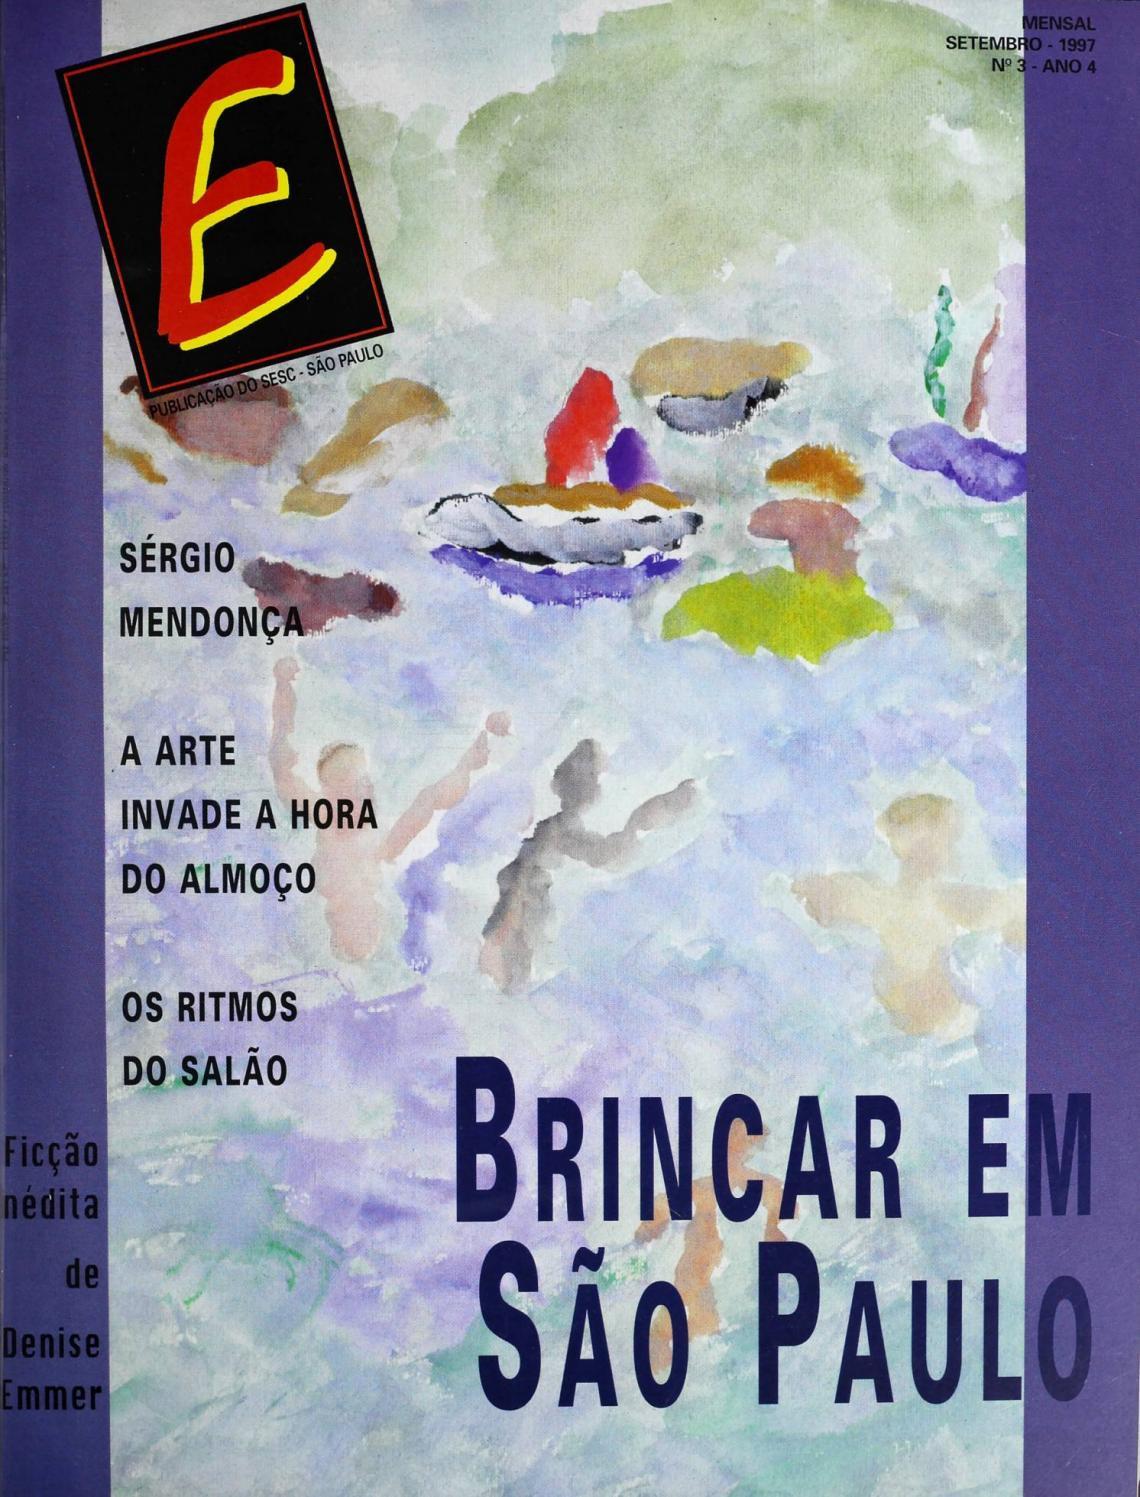 9381dc820e Revista E - Setembro de 1997 - ANO 4 - Nº 3 by Sesc em São Paulo - issuu